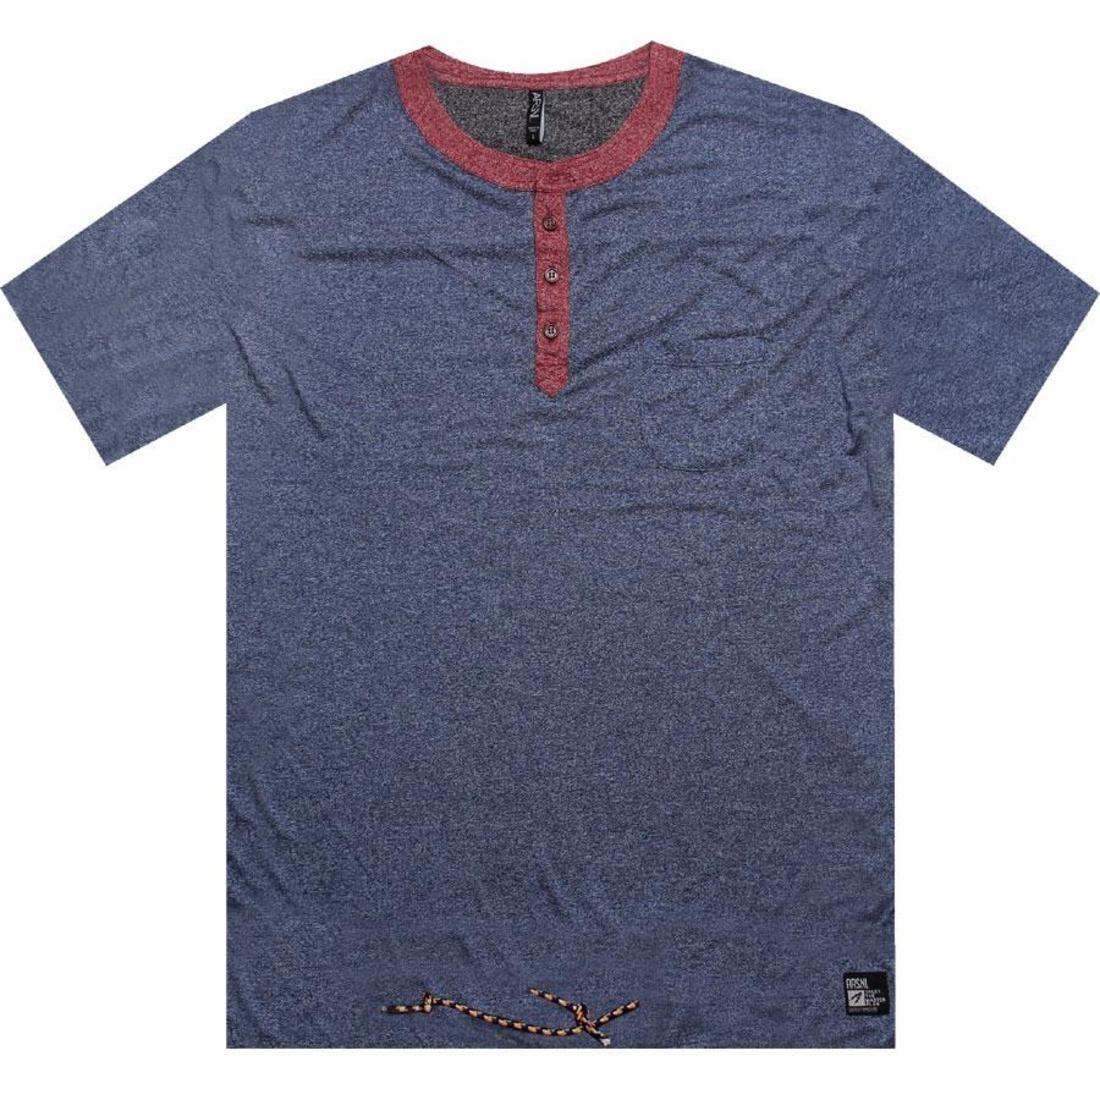 【海外限定】ヘンリー Tシャツ トップス メンズファッション 【 ARSNL KEOWN HENLEY TEE NAVY SPECKLE 】